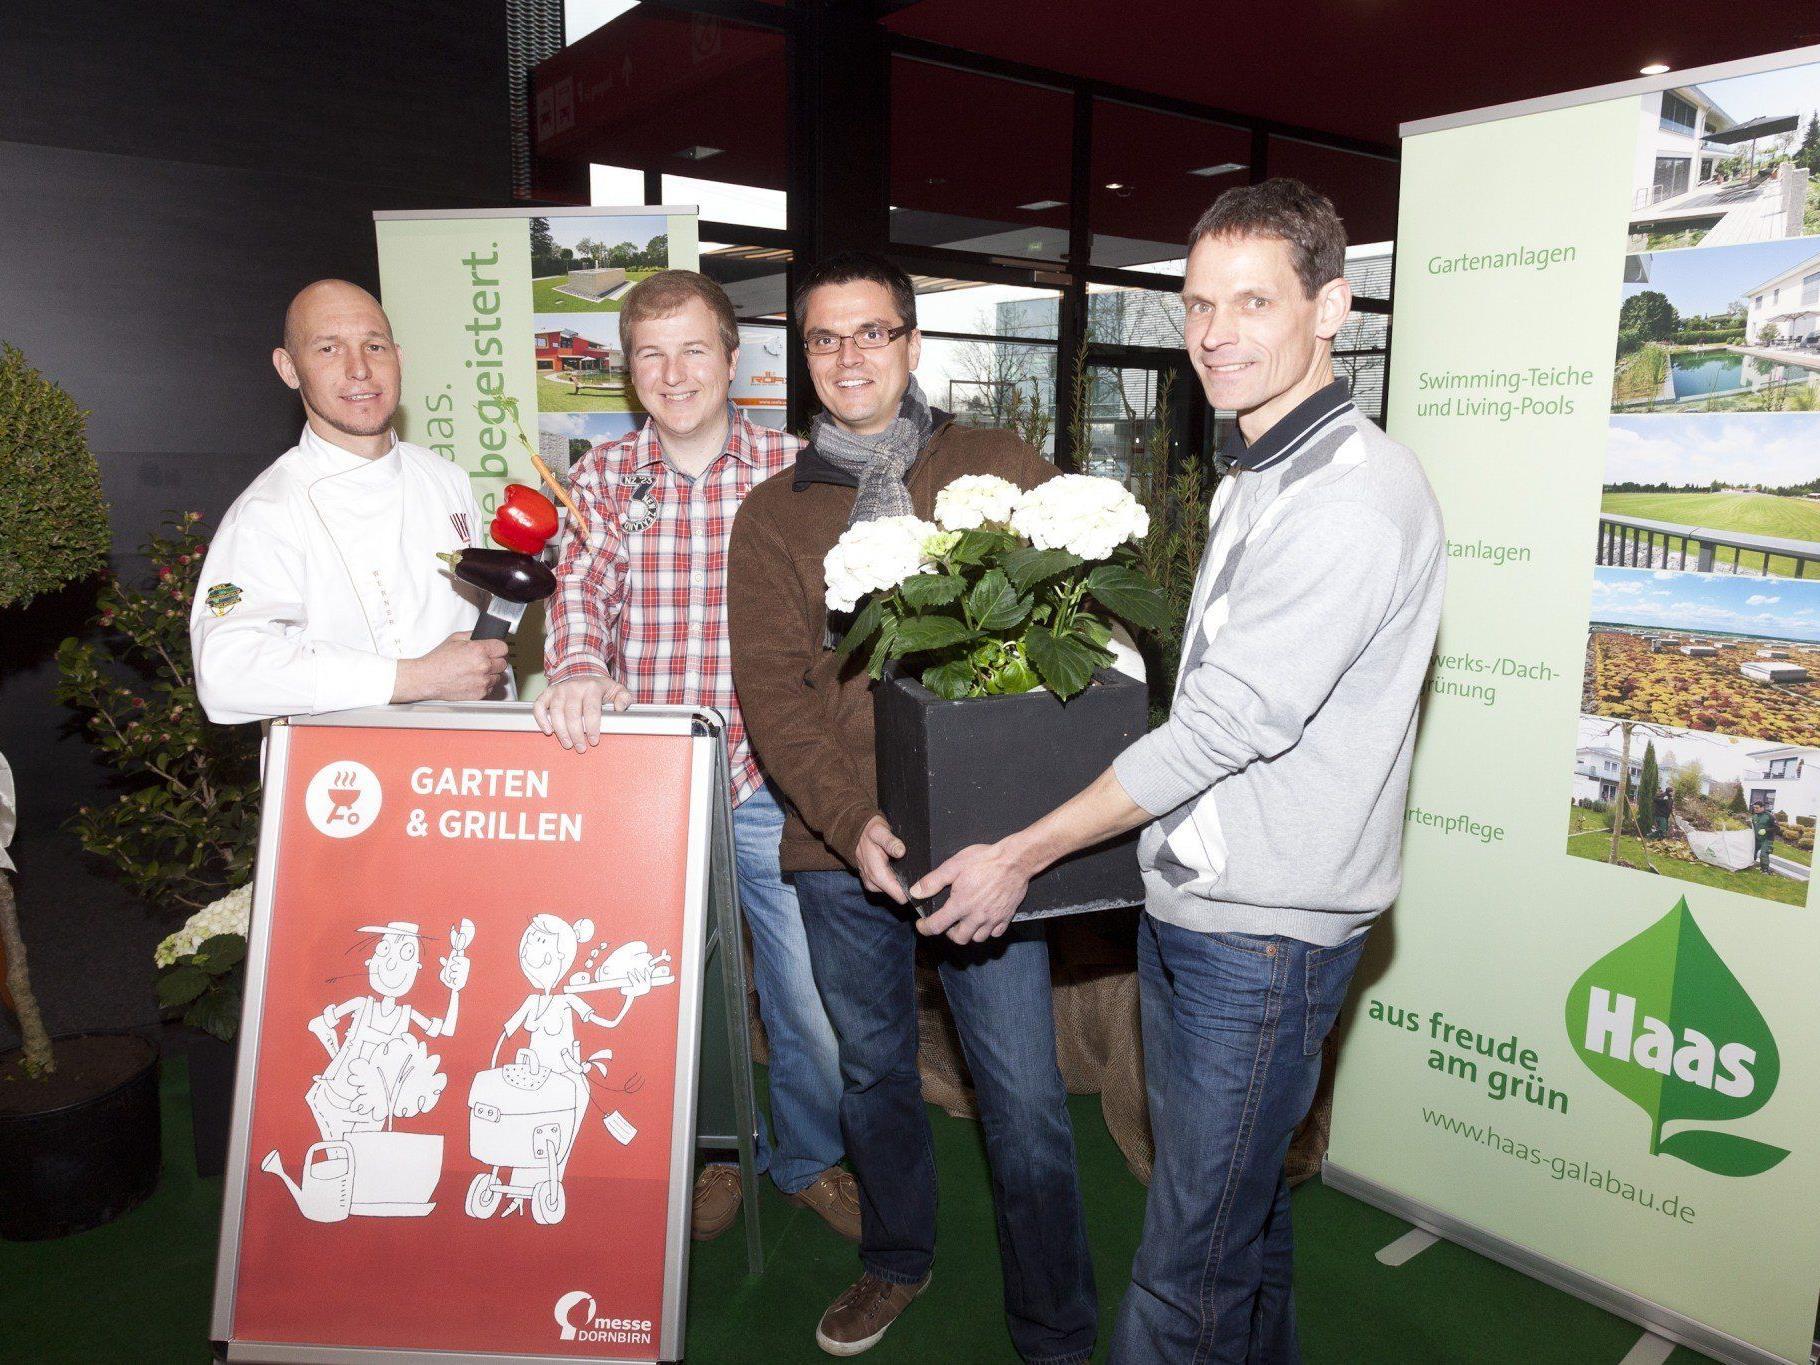 """Zahlreiche Gäste präsentierten die Highlights des Frühlingsschwerpunkts """"Garten & Grillen""""."""